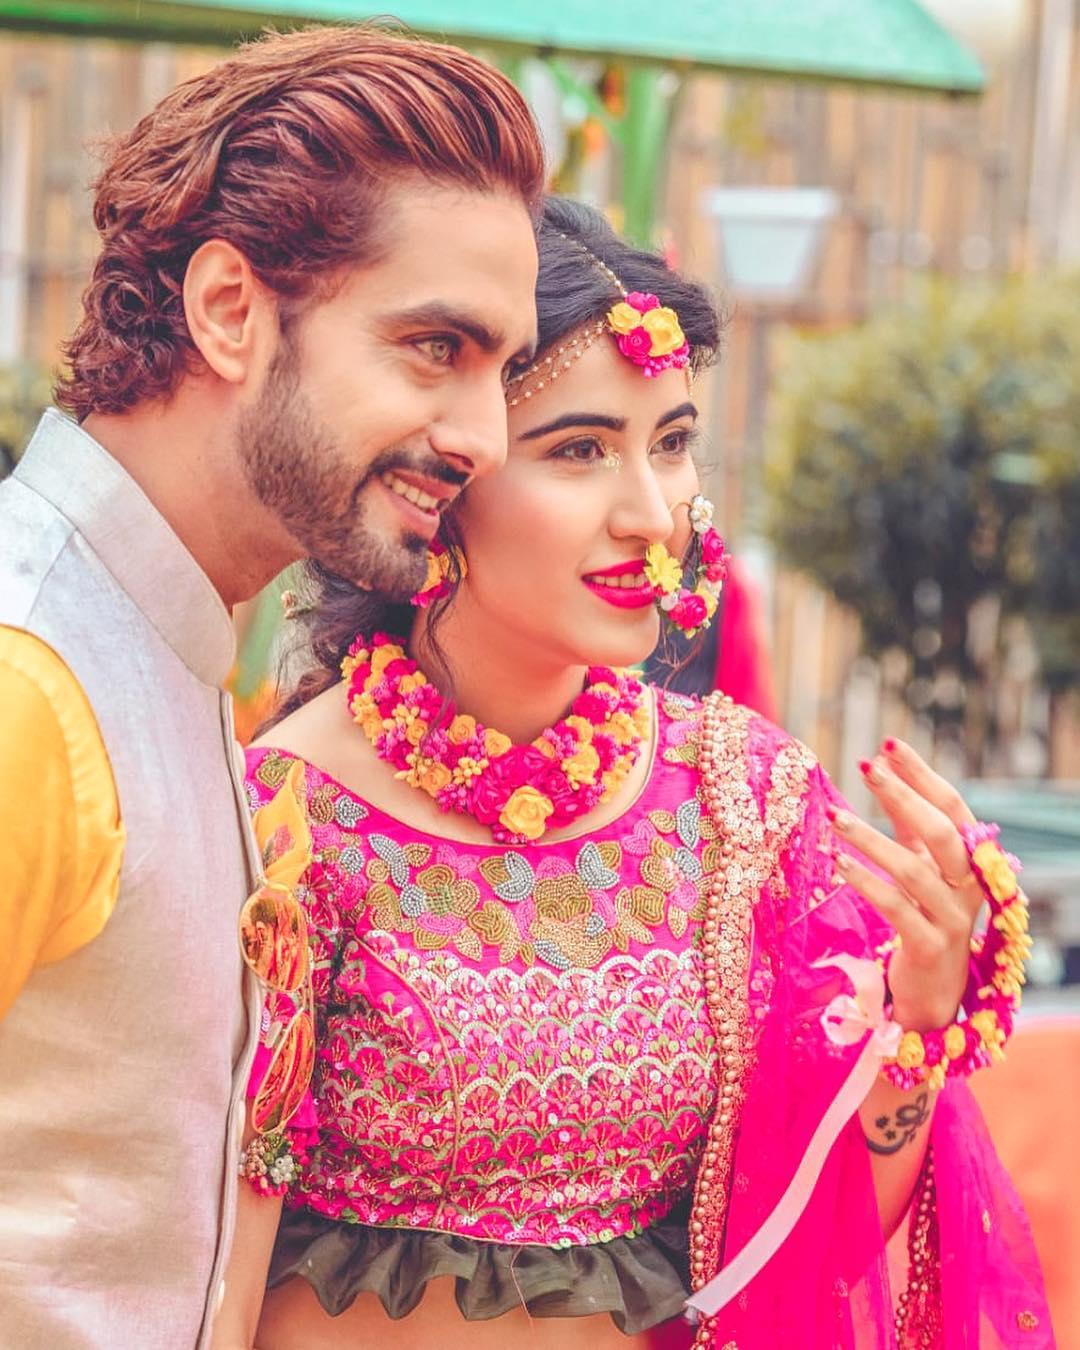 शीना बजाज- रोहित पुरोहित- टीव्हीची प्रसिद्ध अभिनेत्री शीनानेही नुकतेच लग्न केलं. शीना आणि रोहित ४ वर्ष एकमेकांना डेट करत होती. त्यानंतर दोघांनी लग्न करण्याचा निर्णय घेतला.